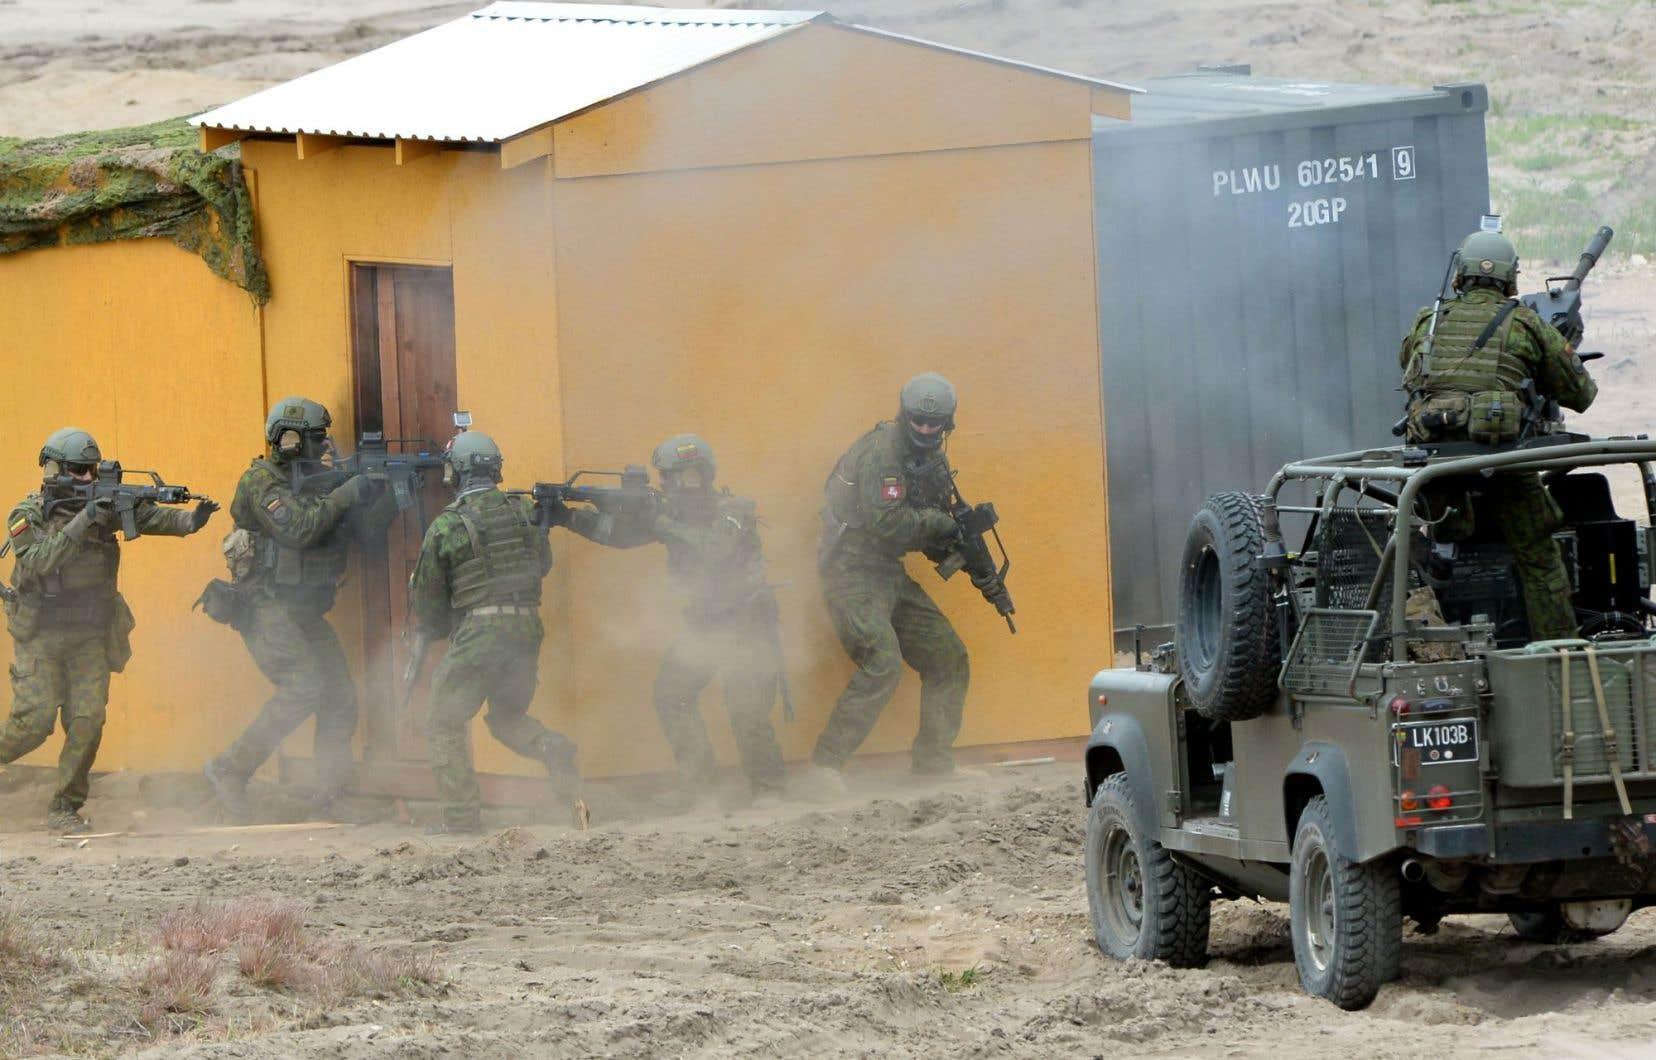 À la suite du conflit en Ukraine et du comportement de Moscou dans la région, l'OTANva accélérer son processus décisionnel.